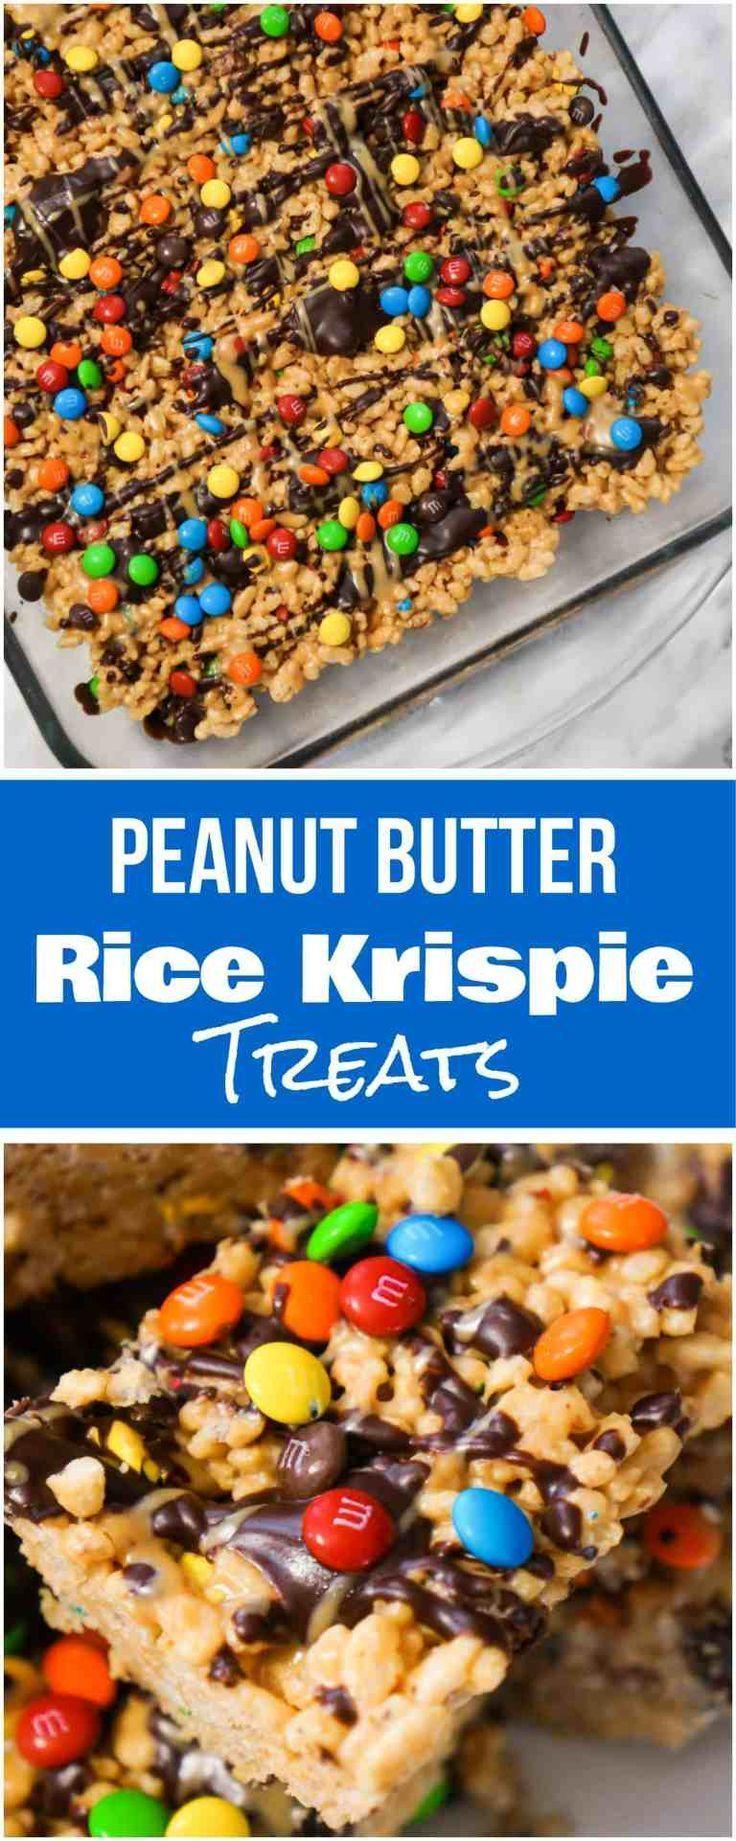 Peanut Butter Rice Krispie Treats. Easy chocolate peanut butter dessert recipe. Rice Krispie squares loaded with M&Ms. #ricekrispiestreats